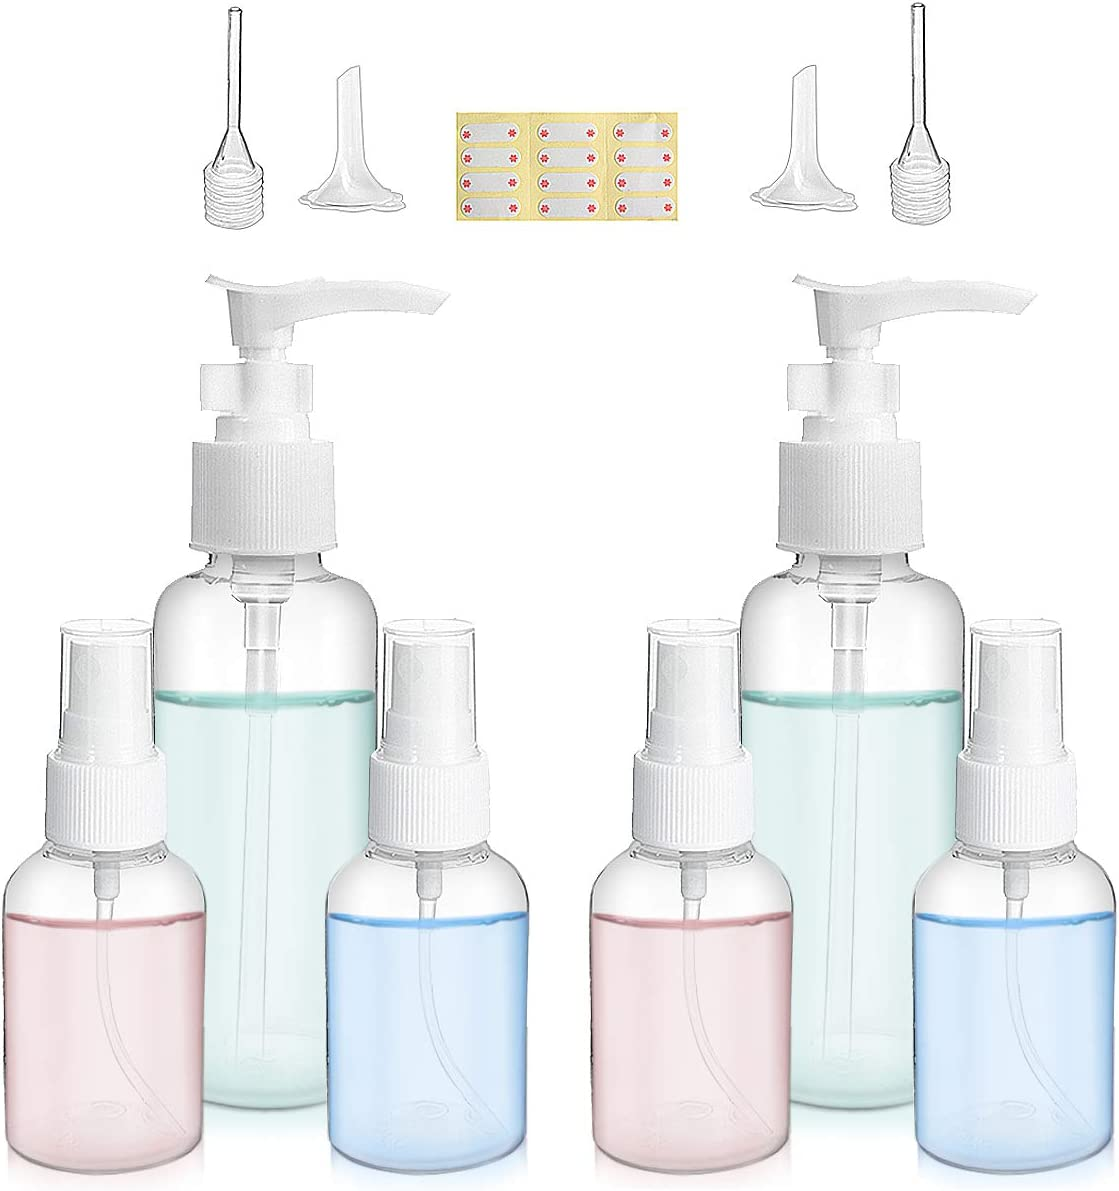 DALV 6PCS Transparent Empty Spray Bottle 4Pcs Mist Sprayer 1.7oz 3.4oz 2Pcs Funnel and Straw 2Pcs Pump Bottle Refillable Reusable Bottles